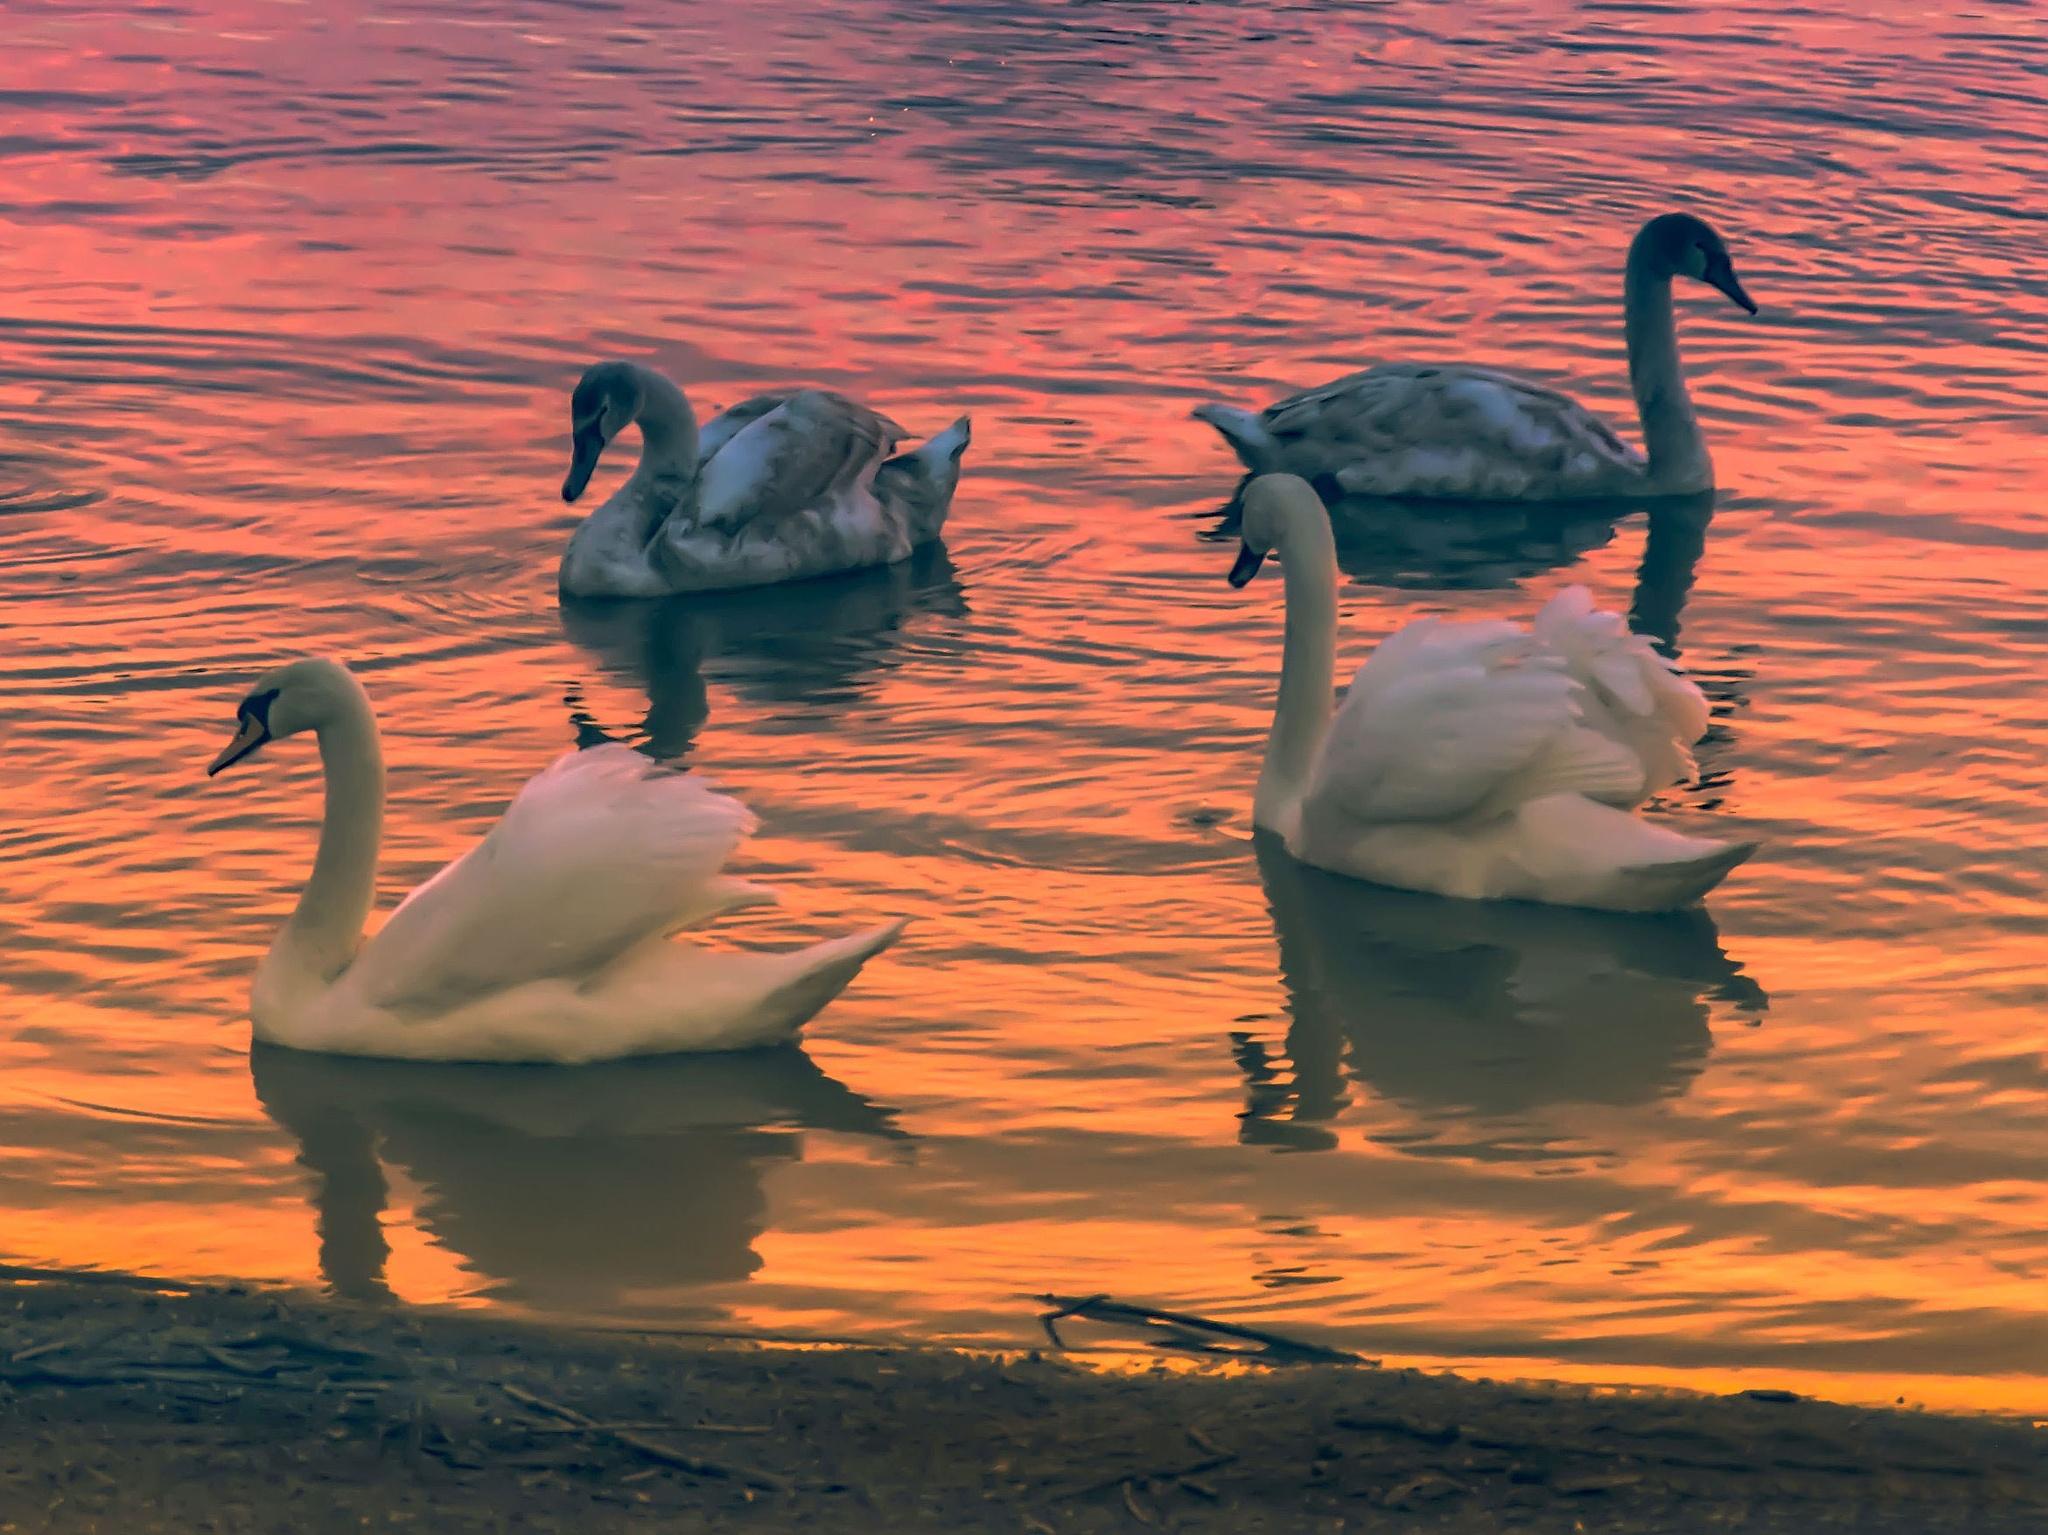 Swan Lake by Zeljko Jelavic